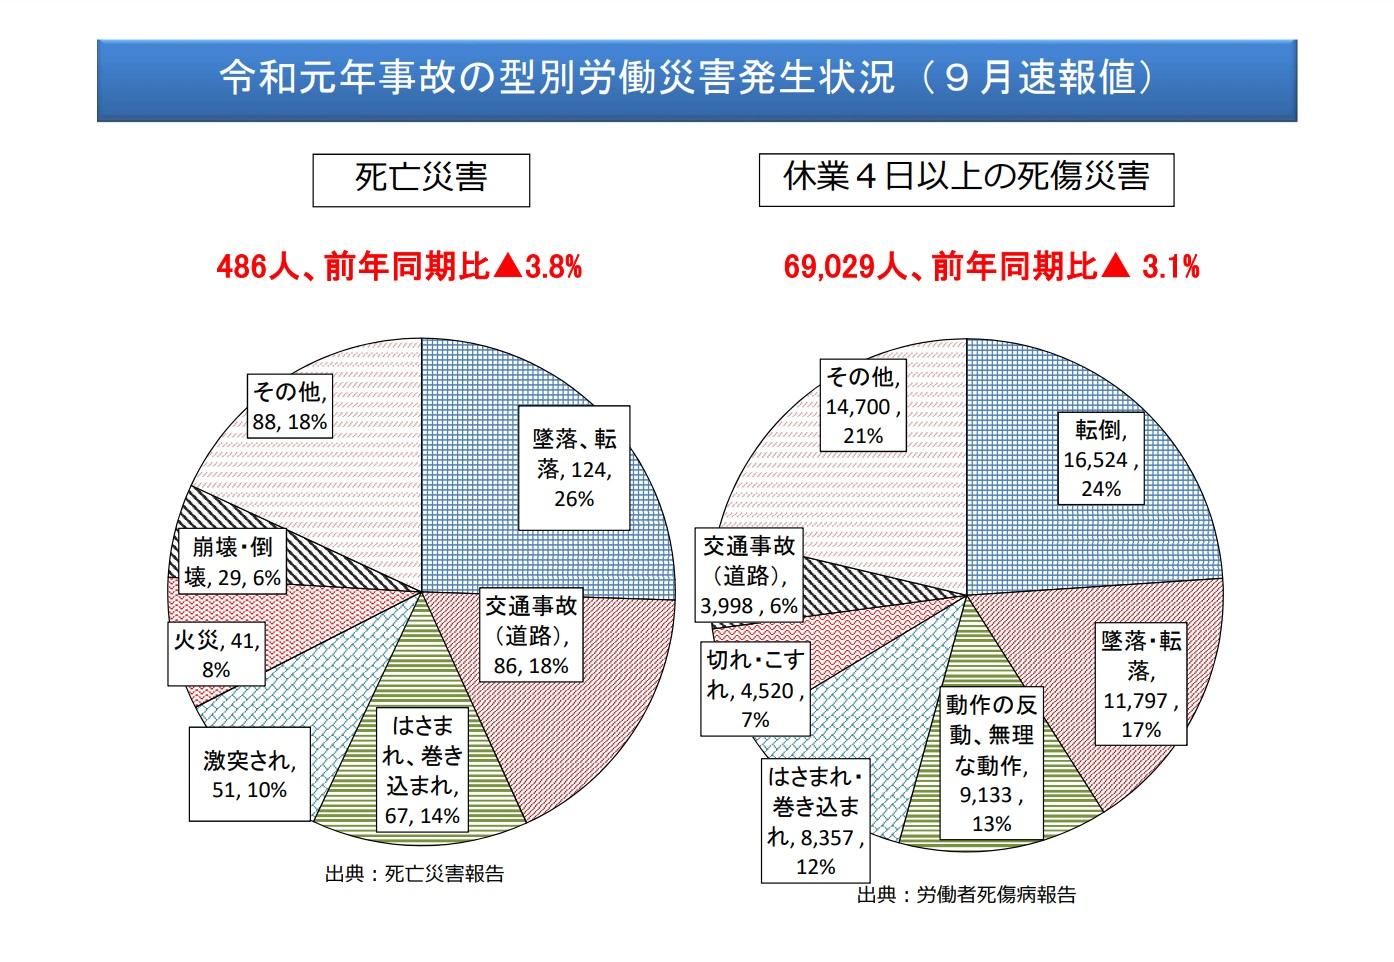 令和元年事故の型別労働災害発生状況(9月速報値)